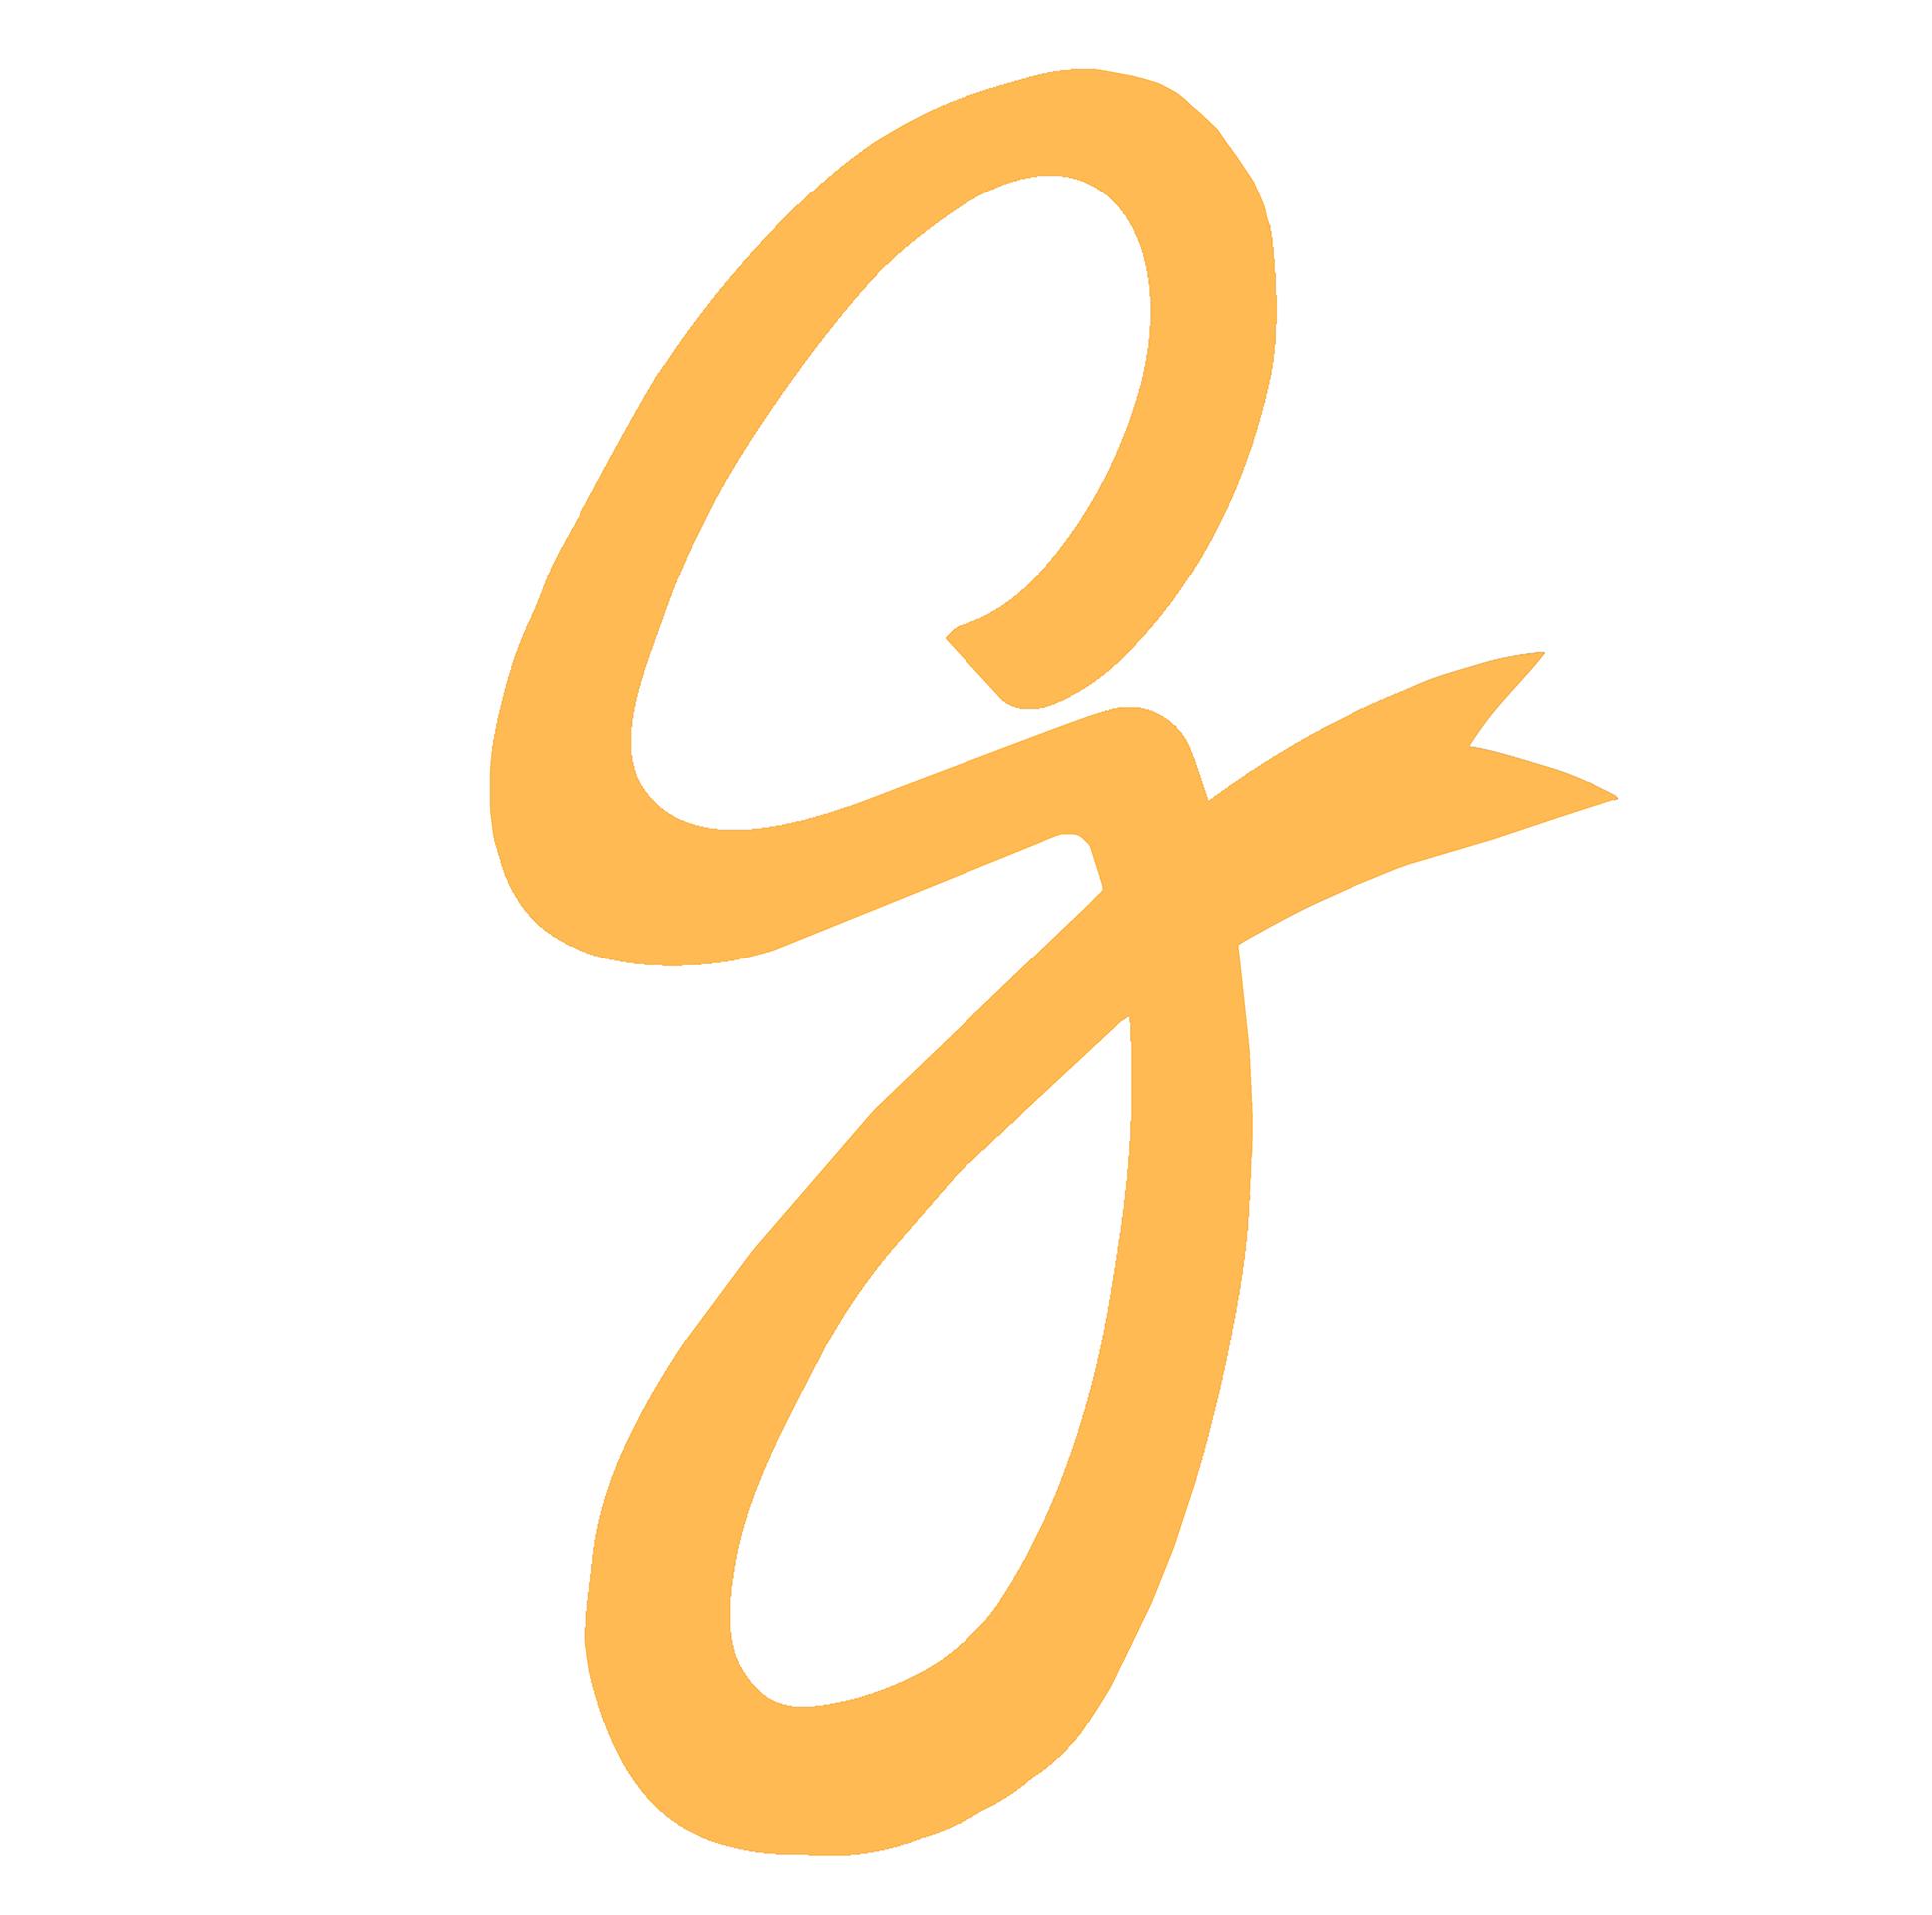 Givo's G    Orange on White